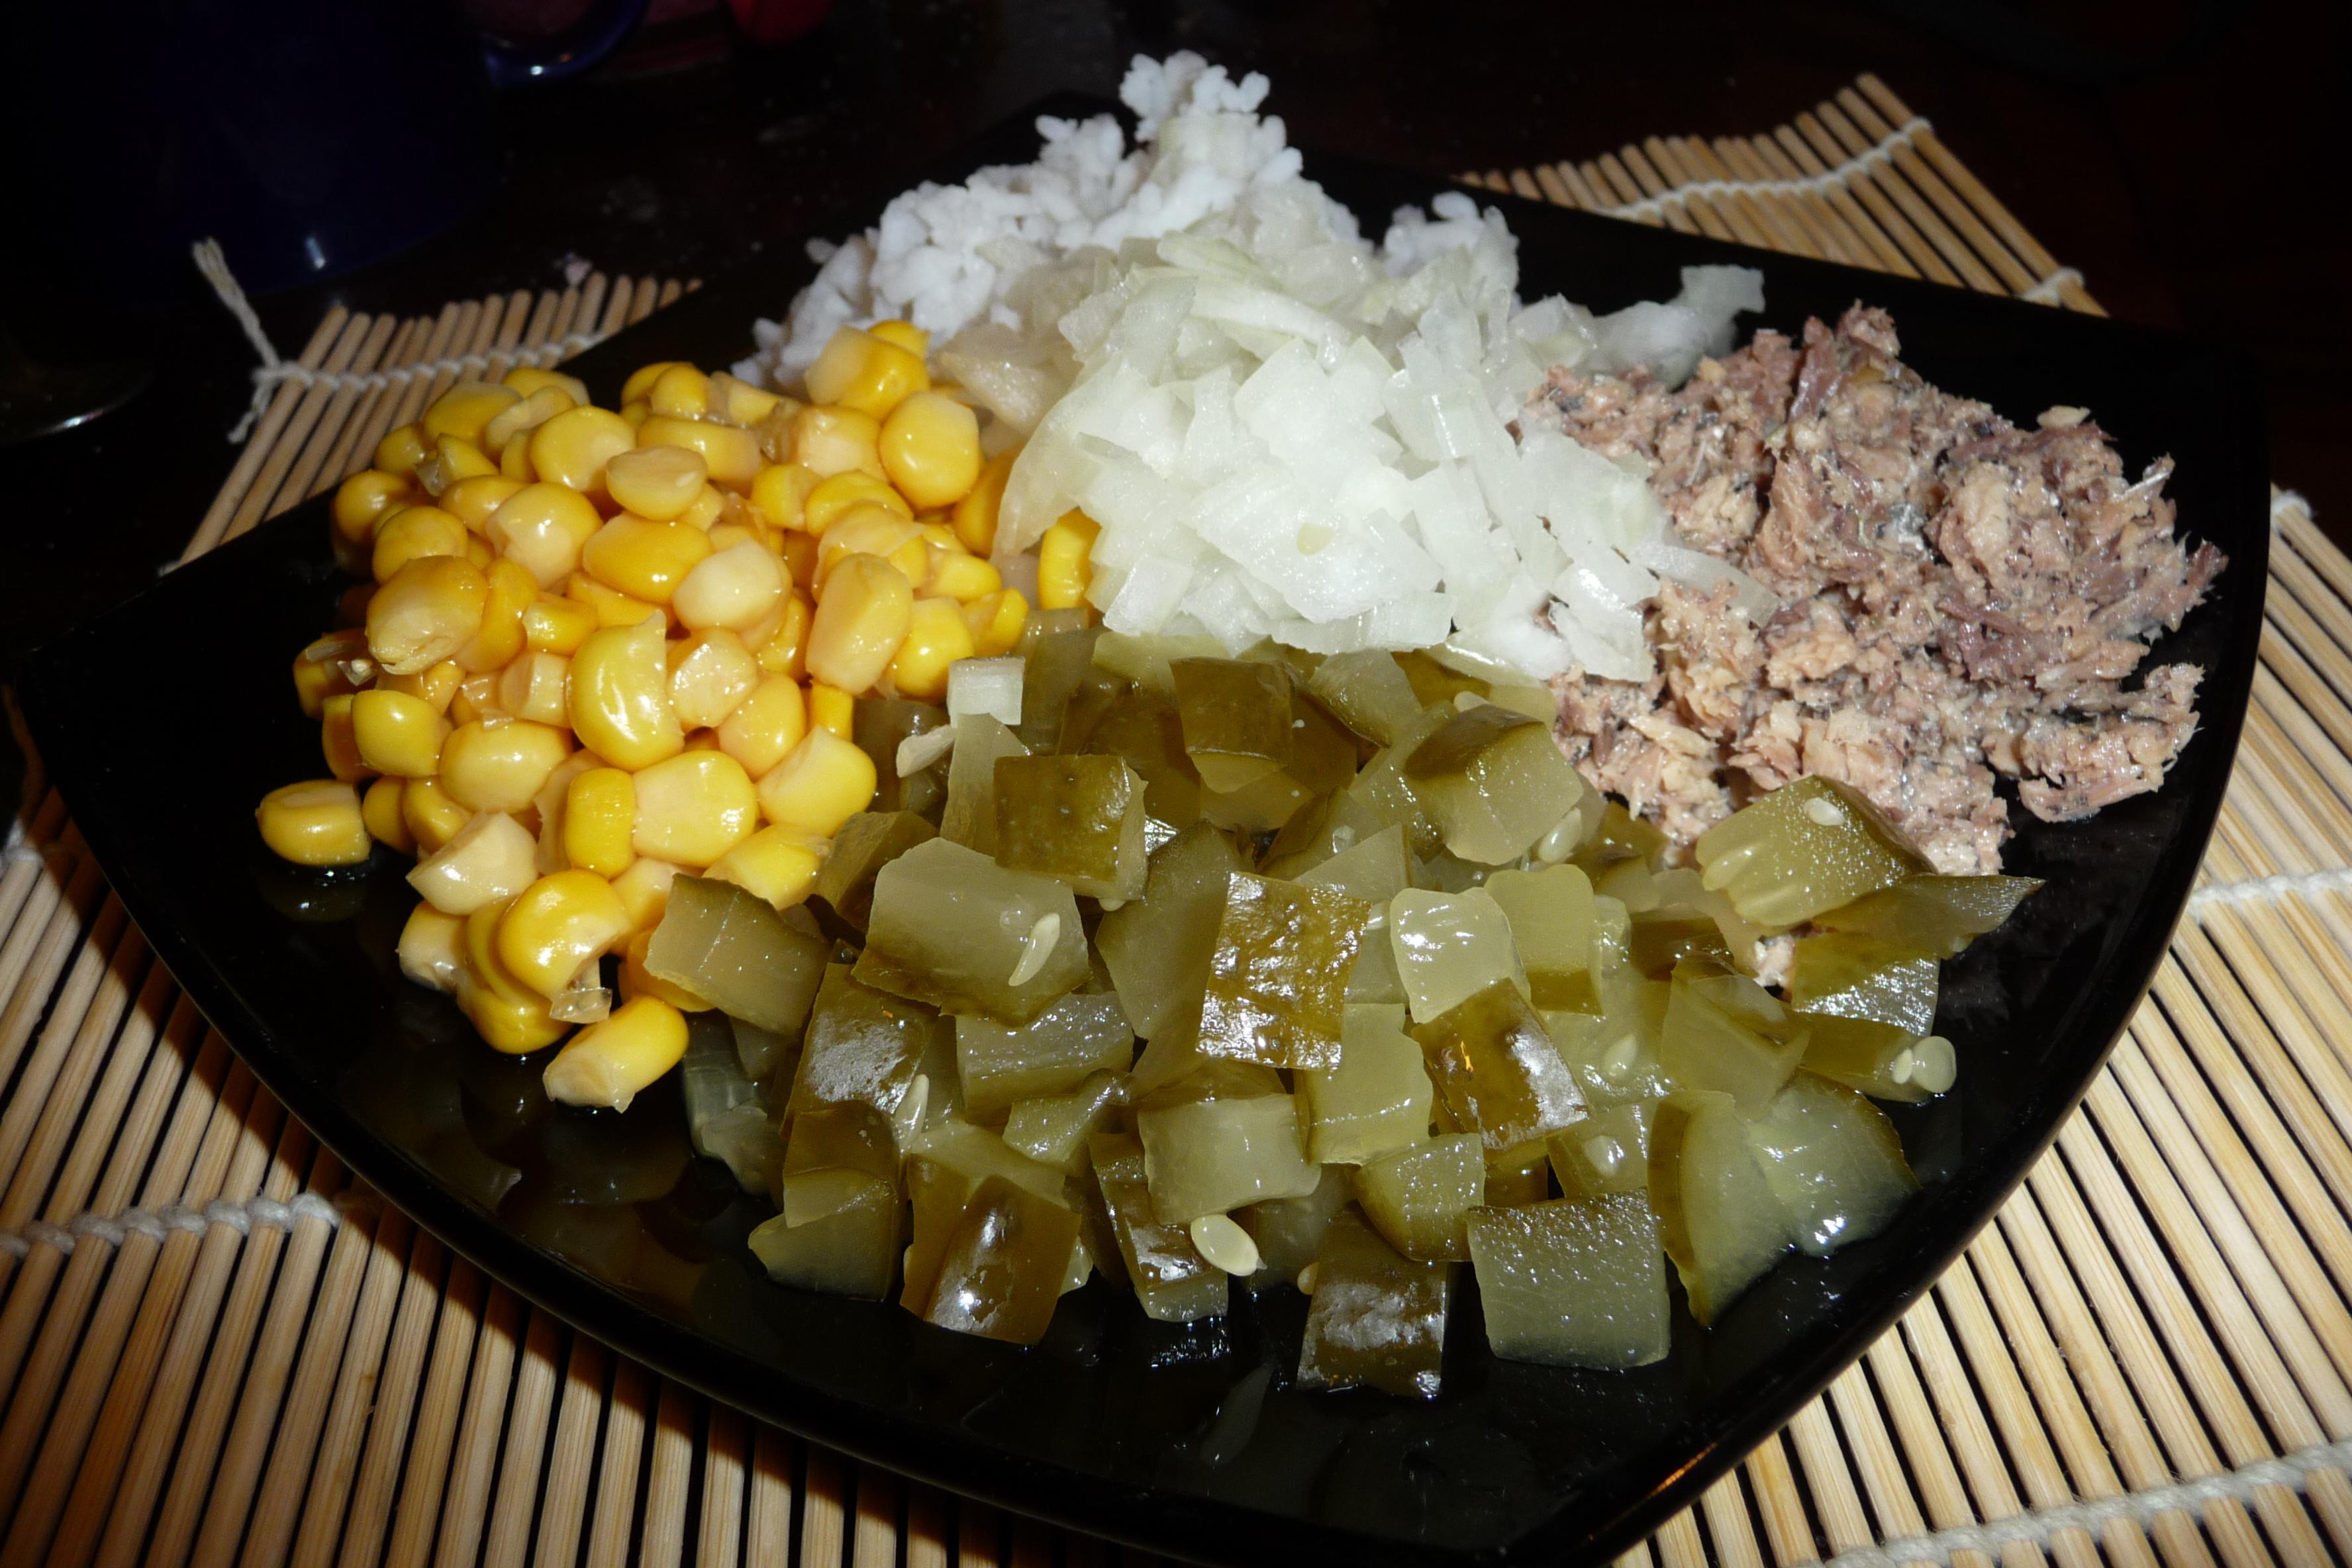 Салат с кукурузой и консервами рыбными рецепт пошагово